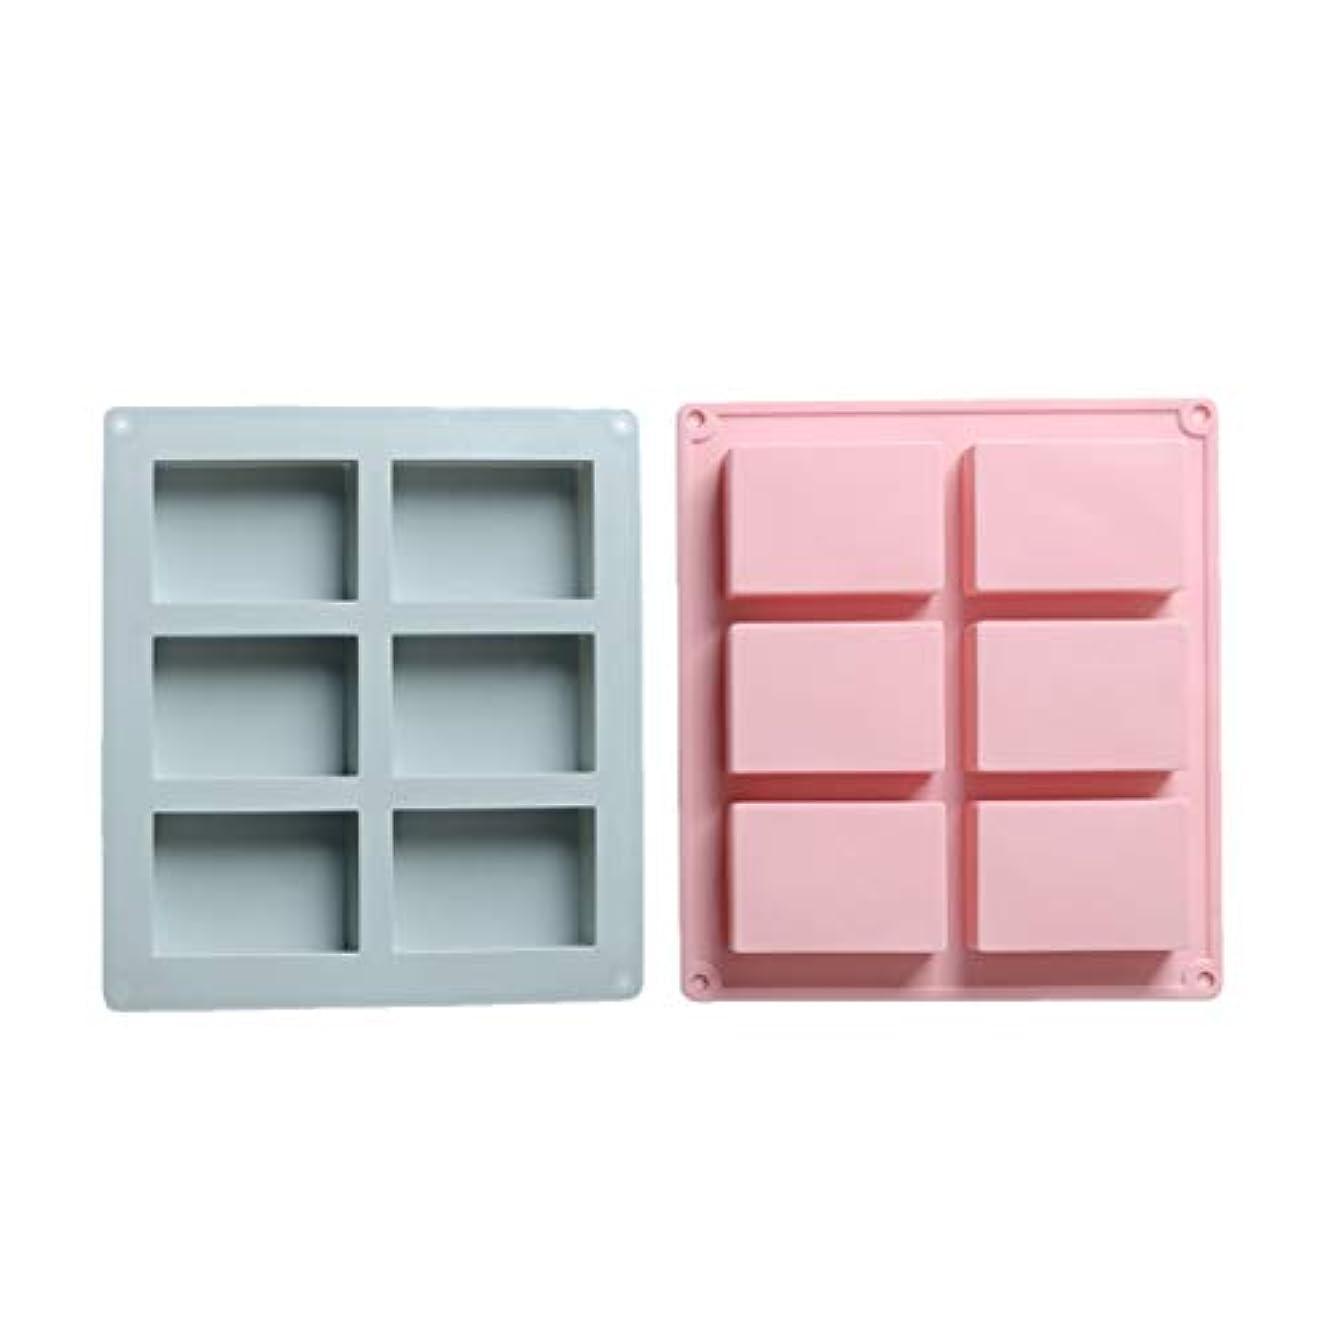 なので不快ながんばり続けるSUPVOX シリコン長方形モールドソープチョコレートキャンドルとゼリーブラウン2個(青とピンク)を作るための6つのキャビティ